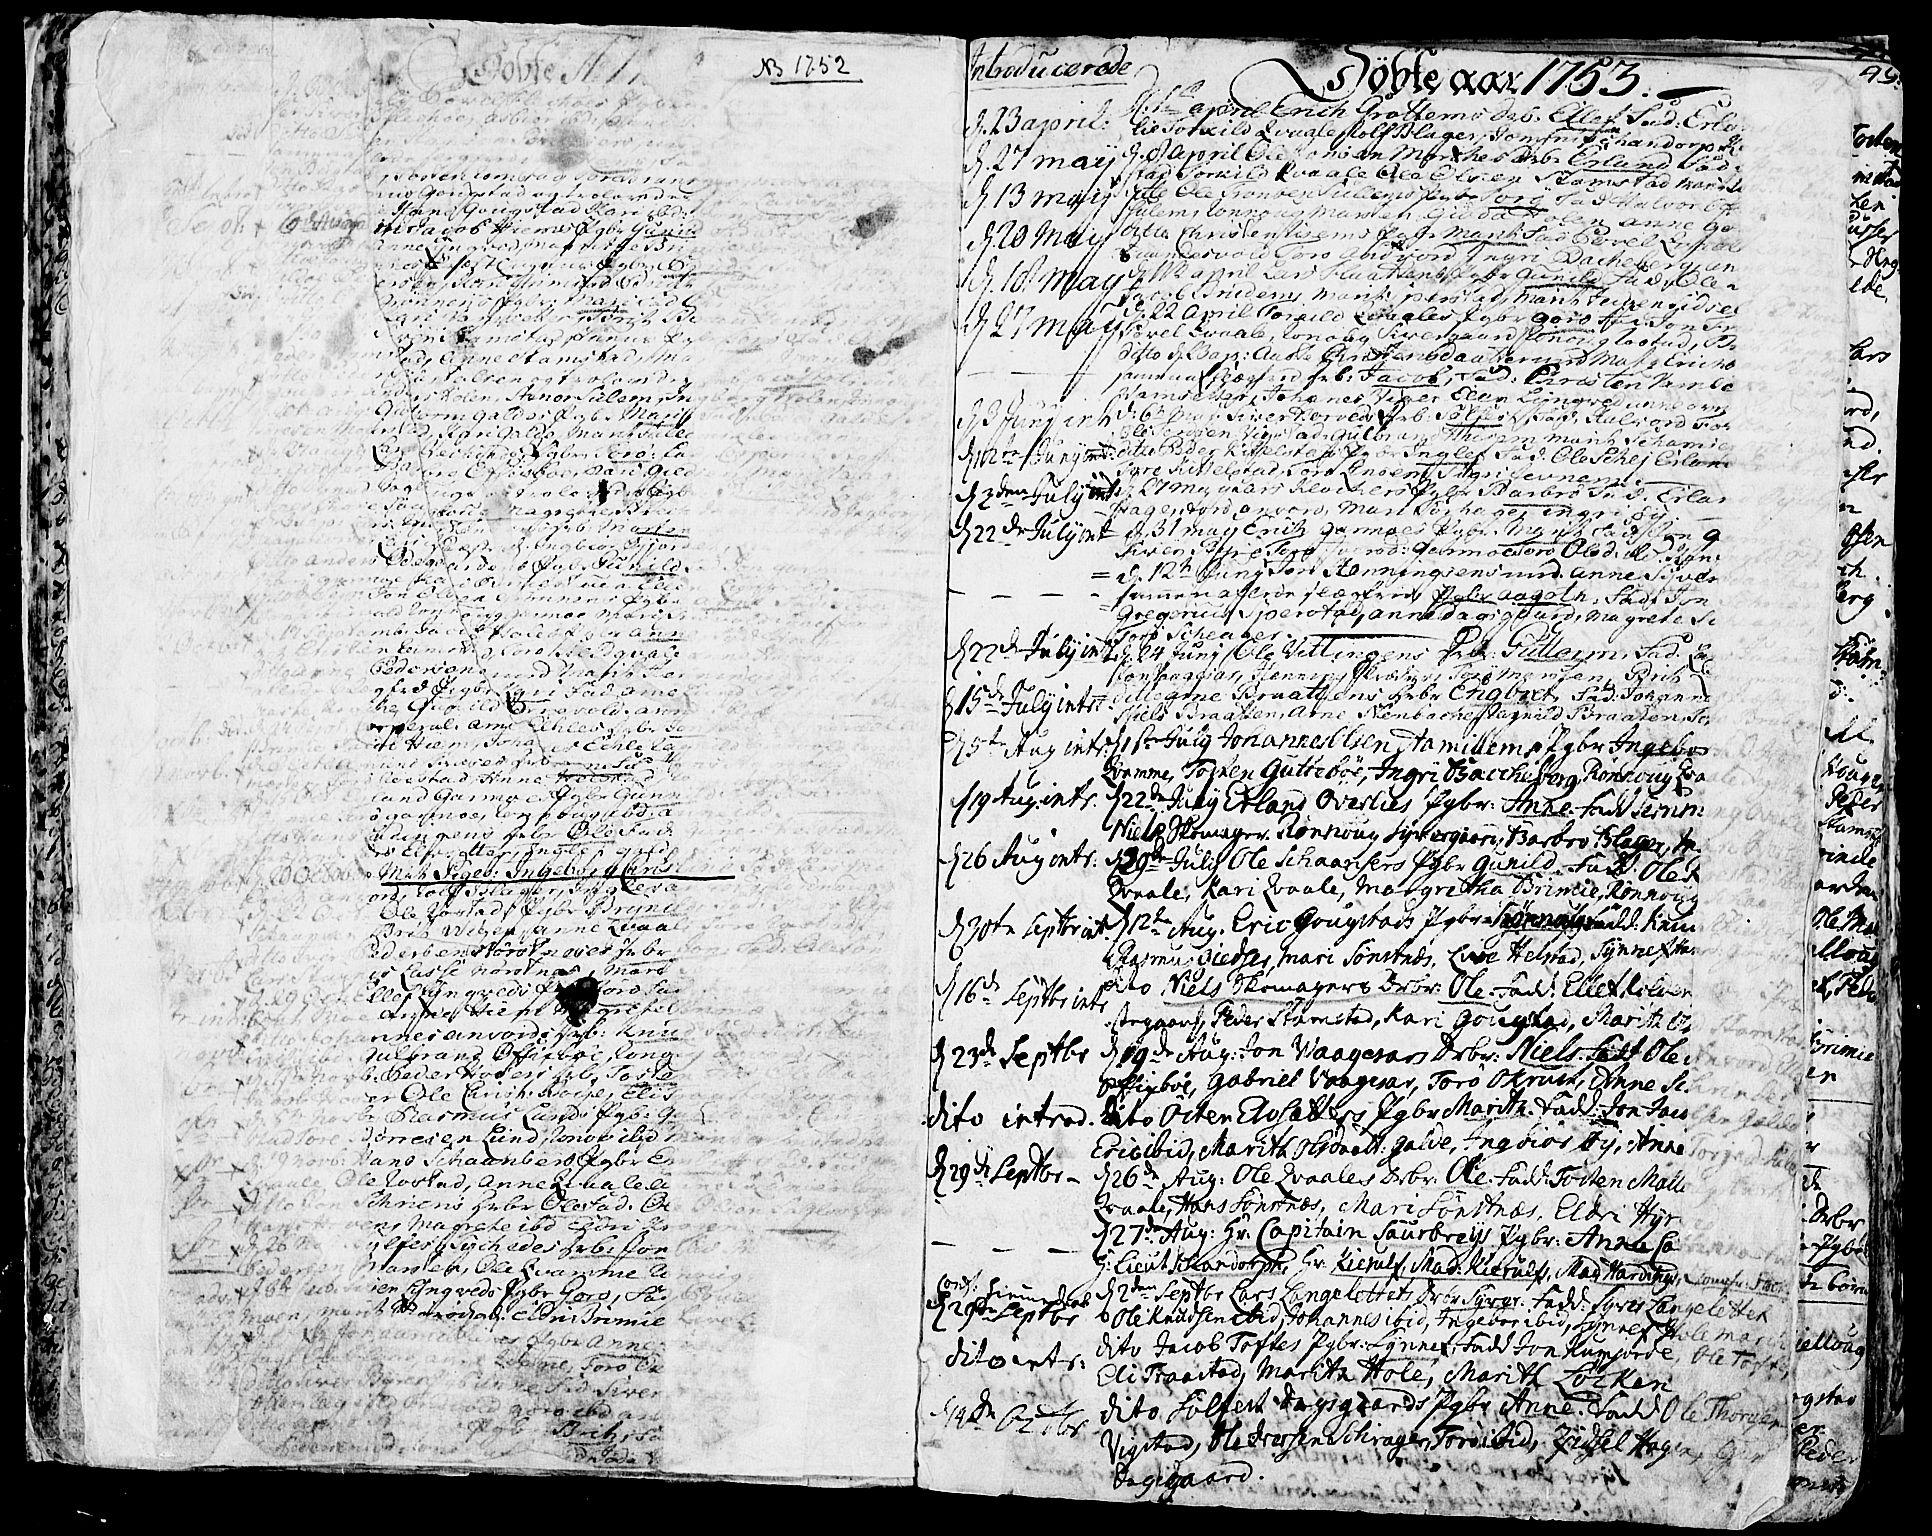 SAH, Lom prestekontor, K/L0002: Ministerialbok nr. 2, 1749-1801, s. 46-47